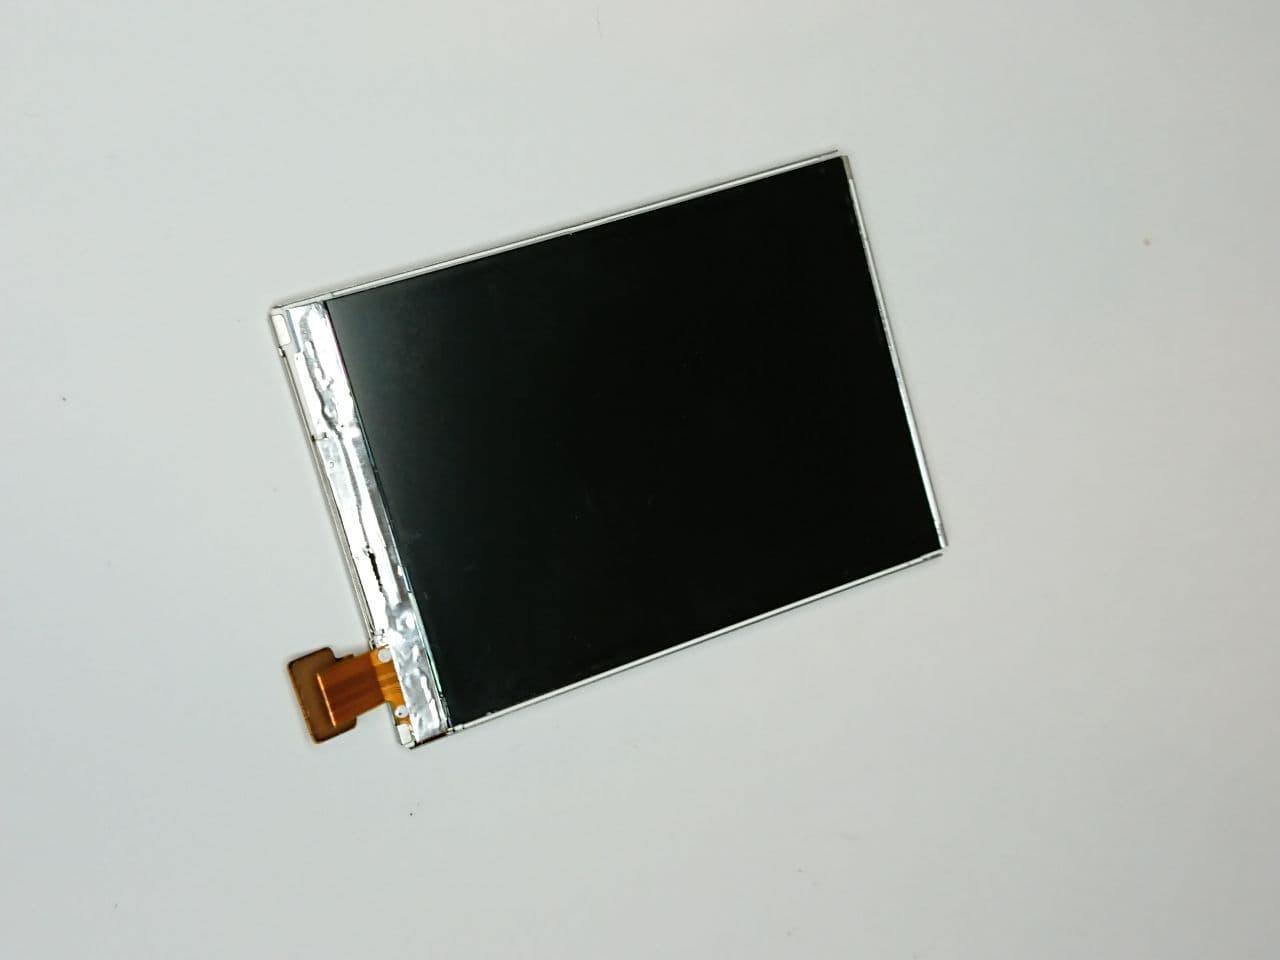 Дисплей Nokia X3-02.5 / X3-02 / C3-01.5 / C3-01 / Asha 300/206 Dual / 206/203/202 б.у.